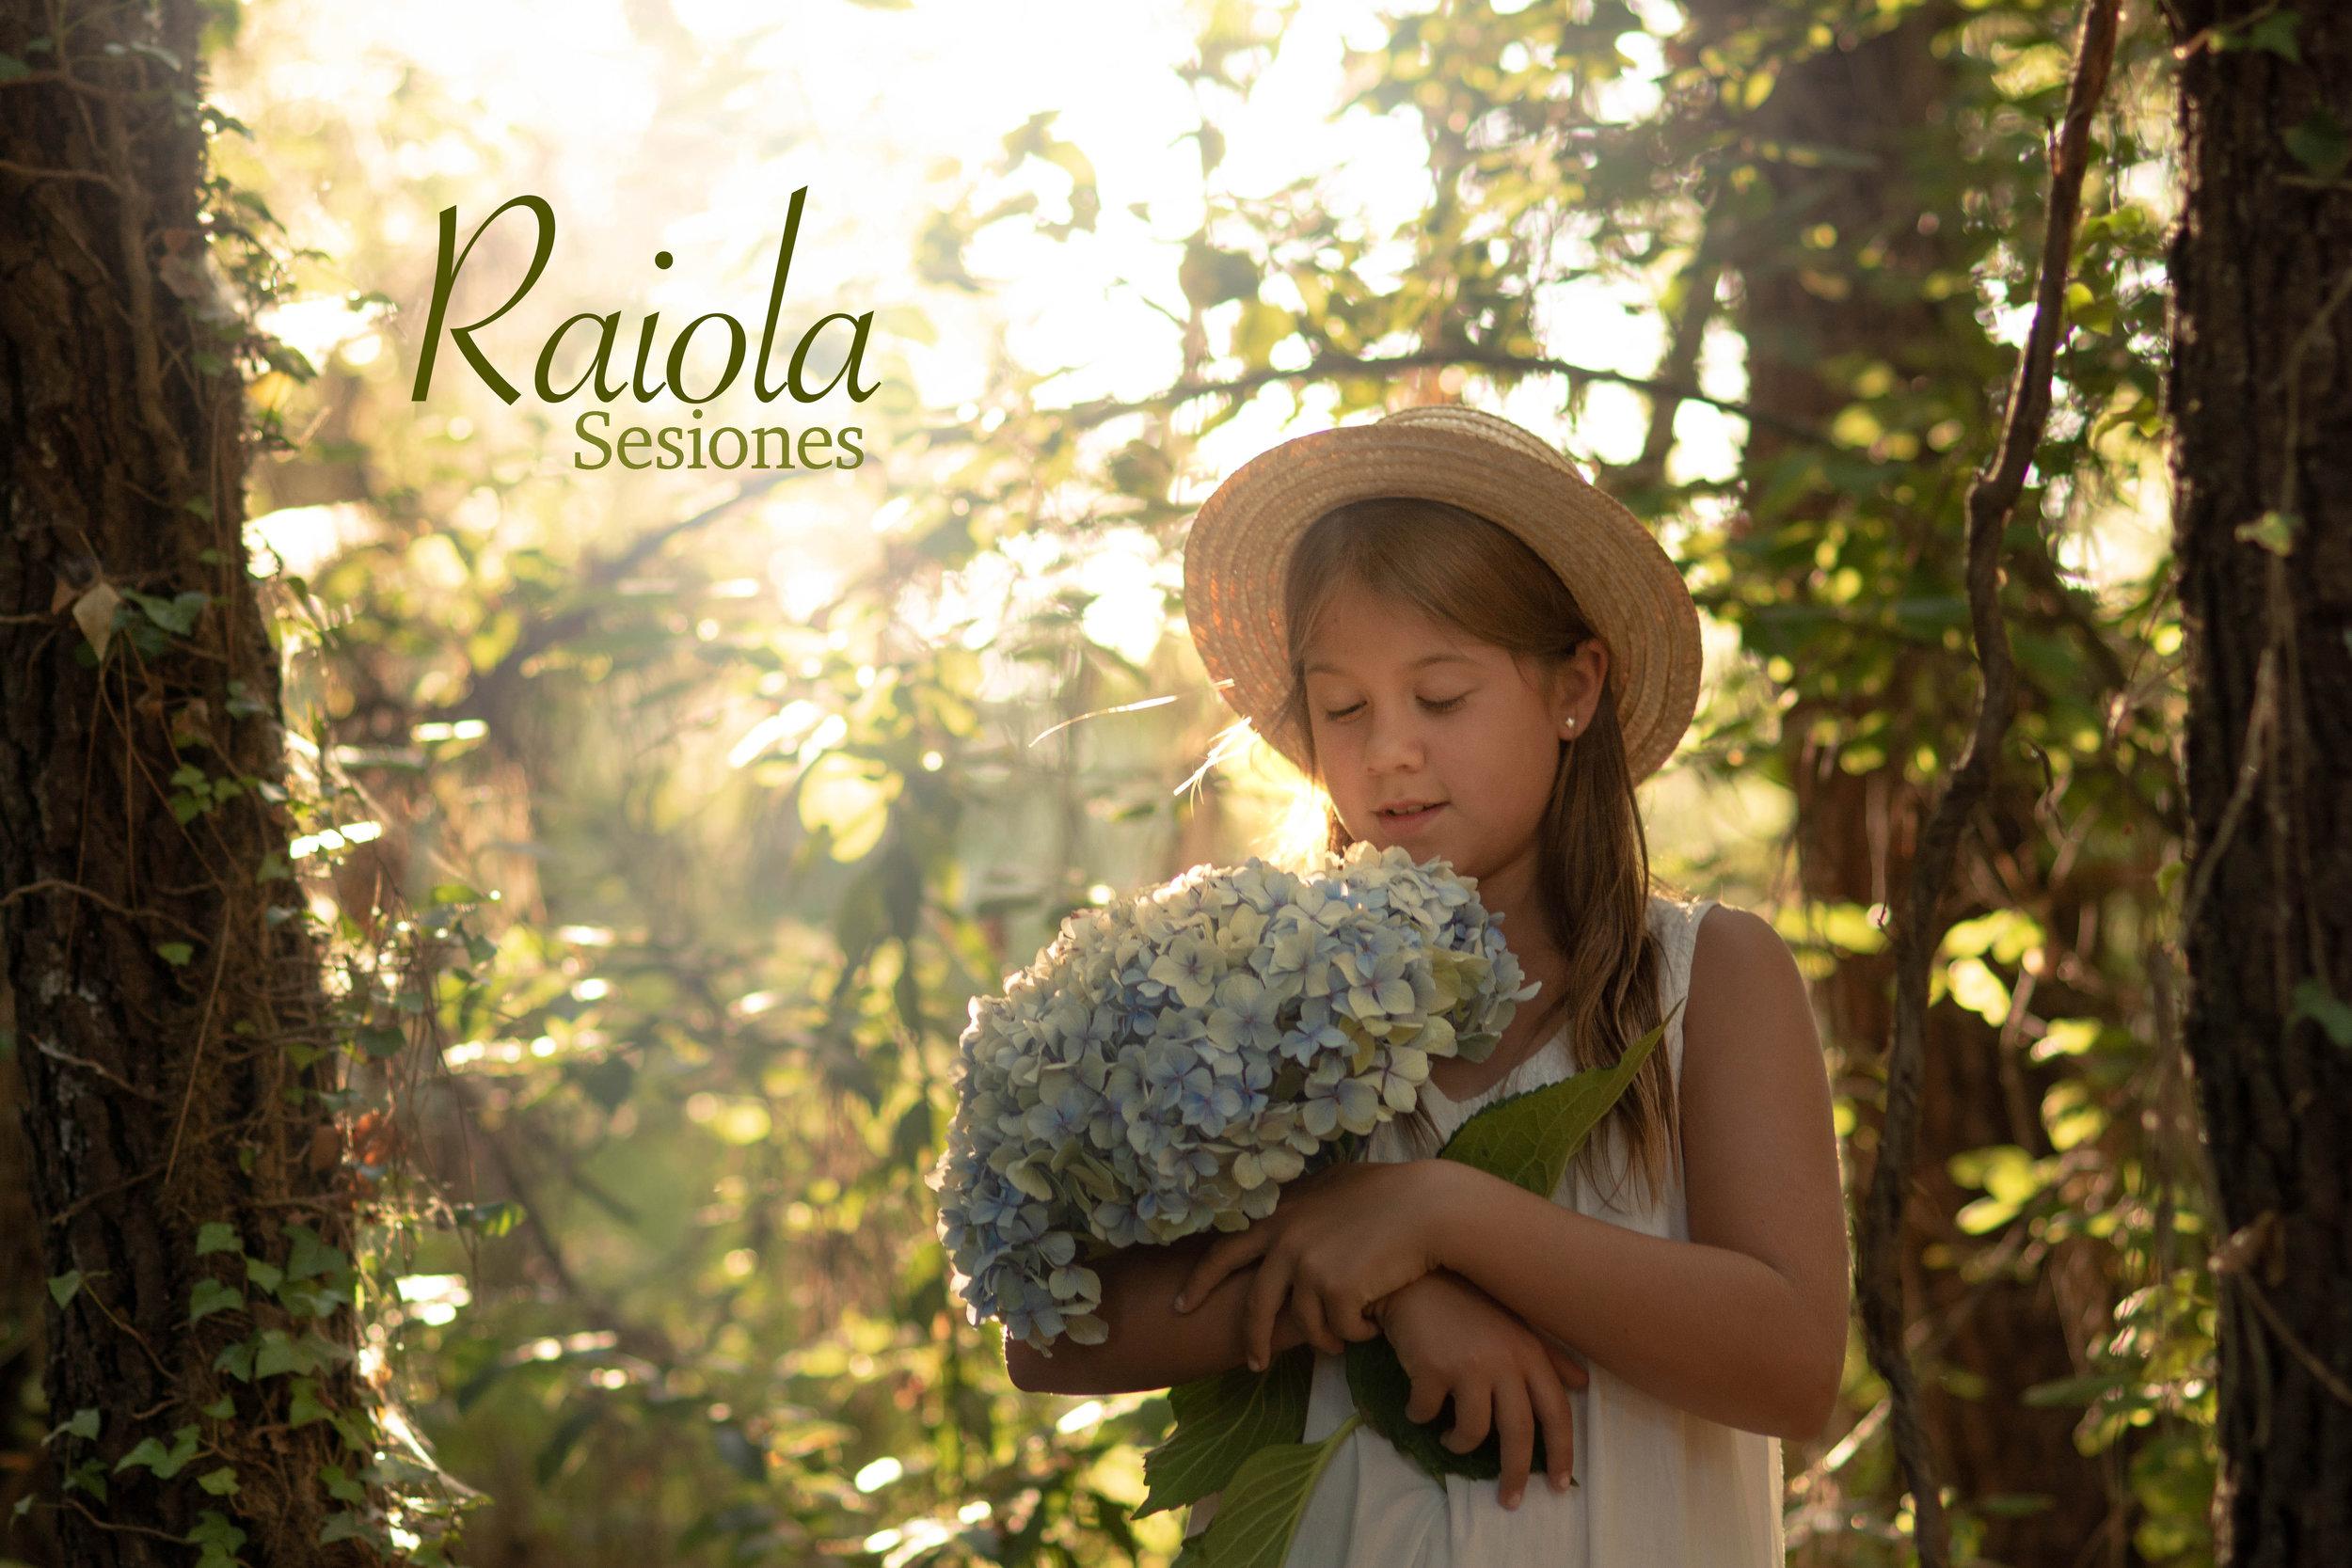 Sesiones en el campo Raiola